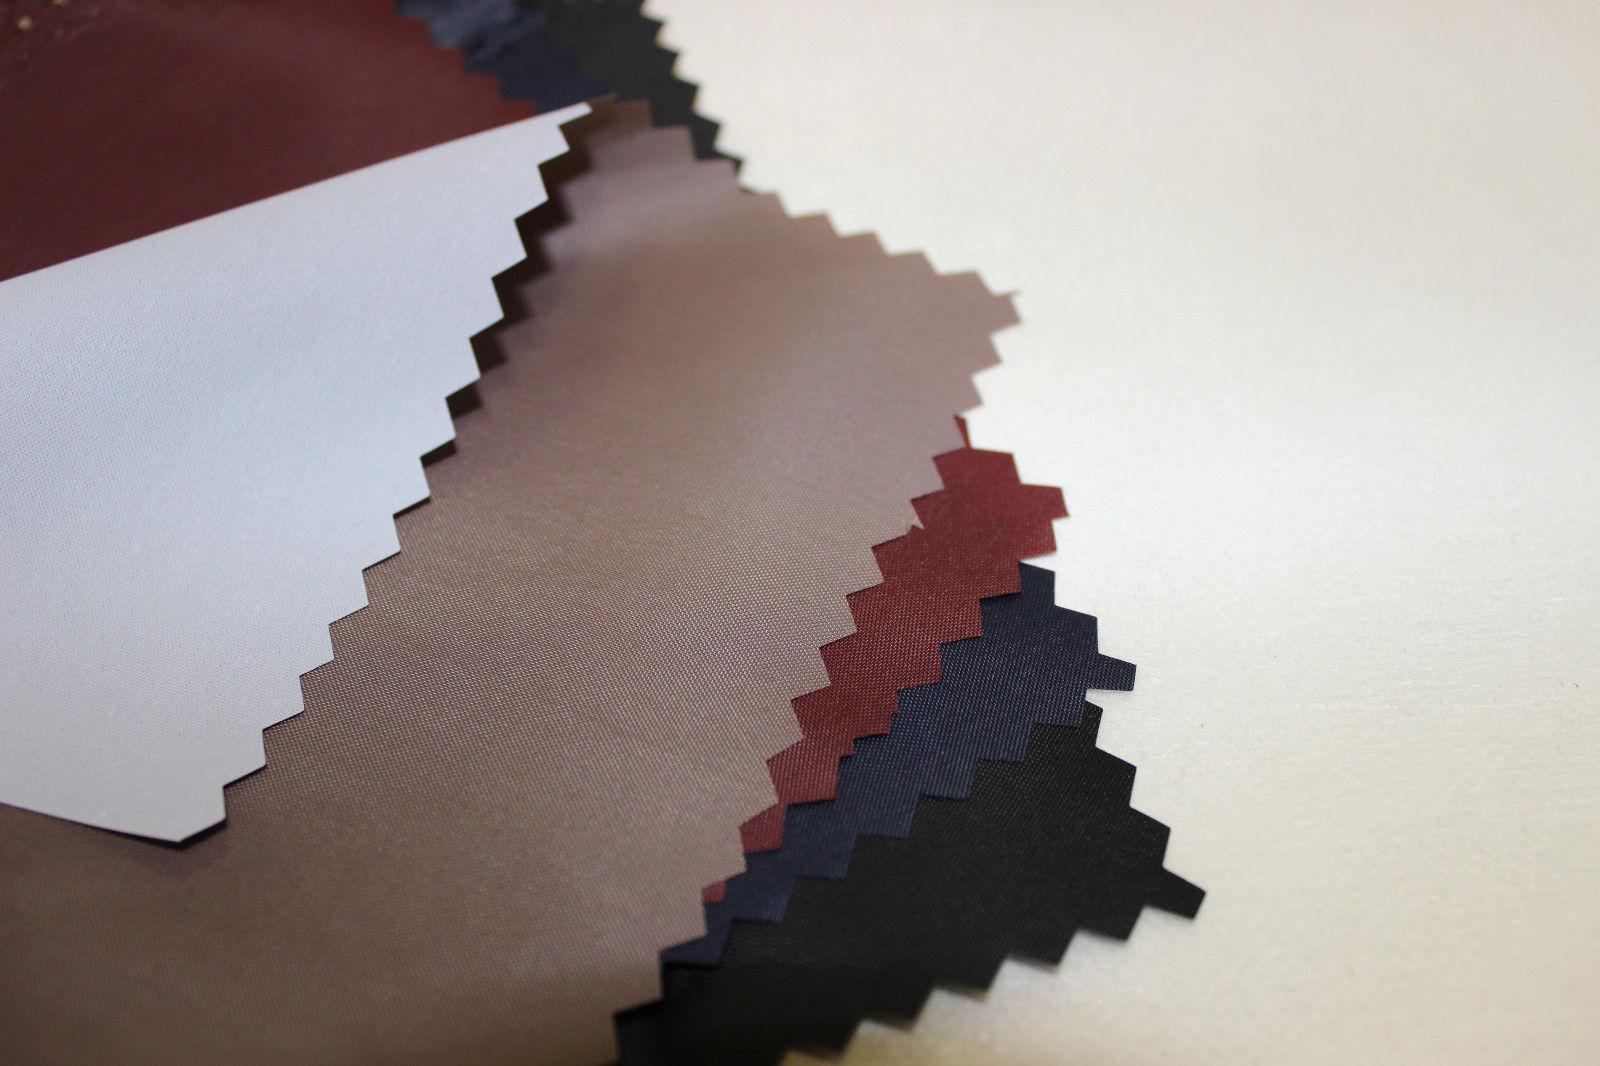 1 m Polyester Stoff, PU- beschichtet, wind- und wasserdicht, freie Farbauswahl